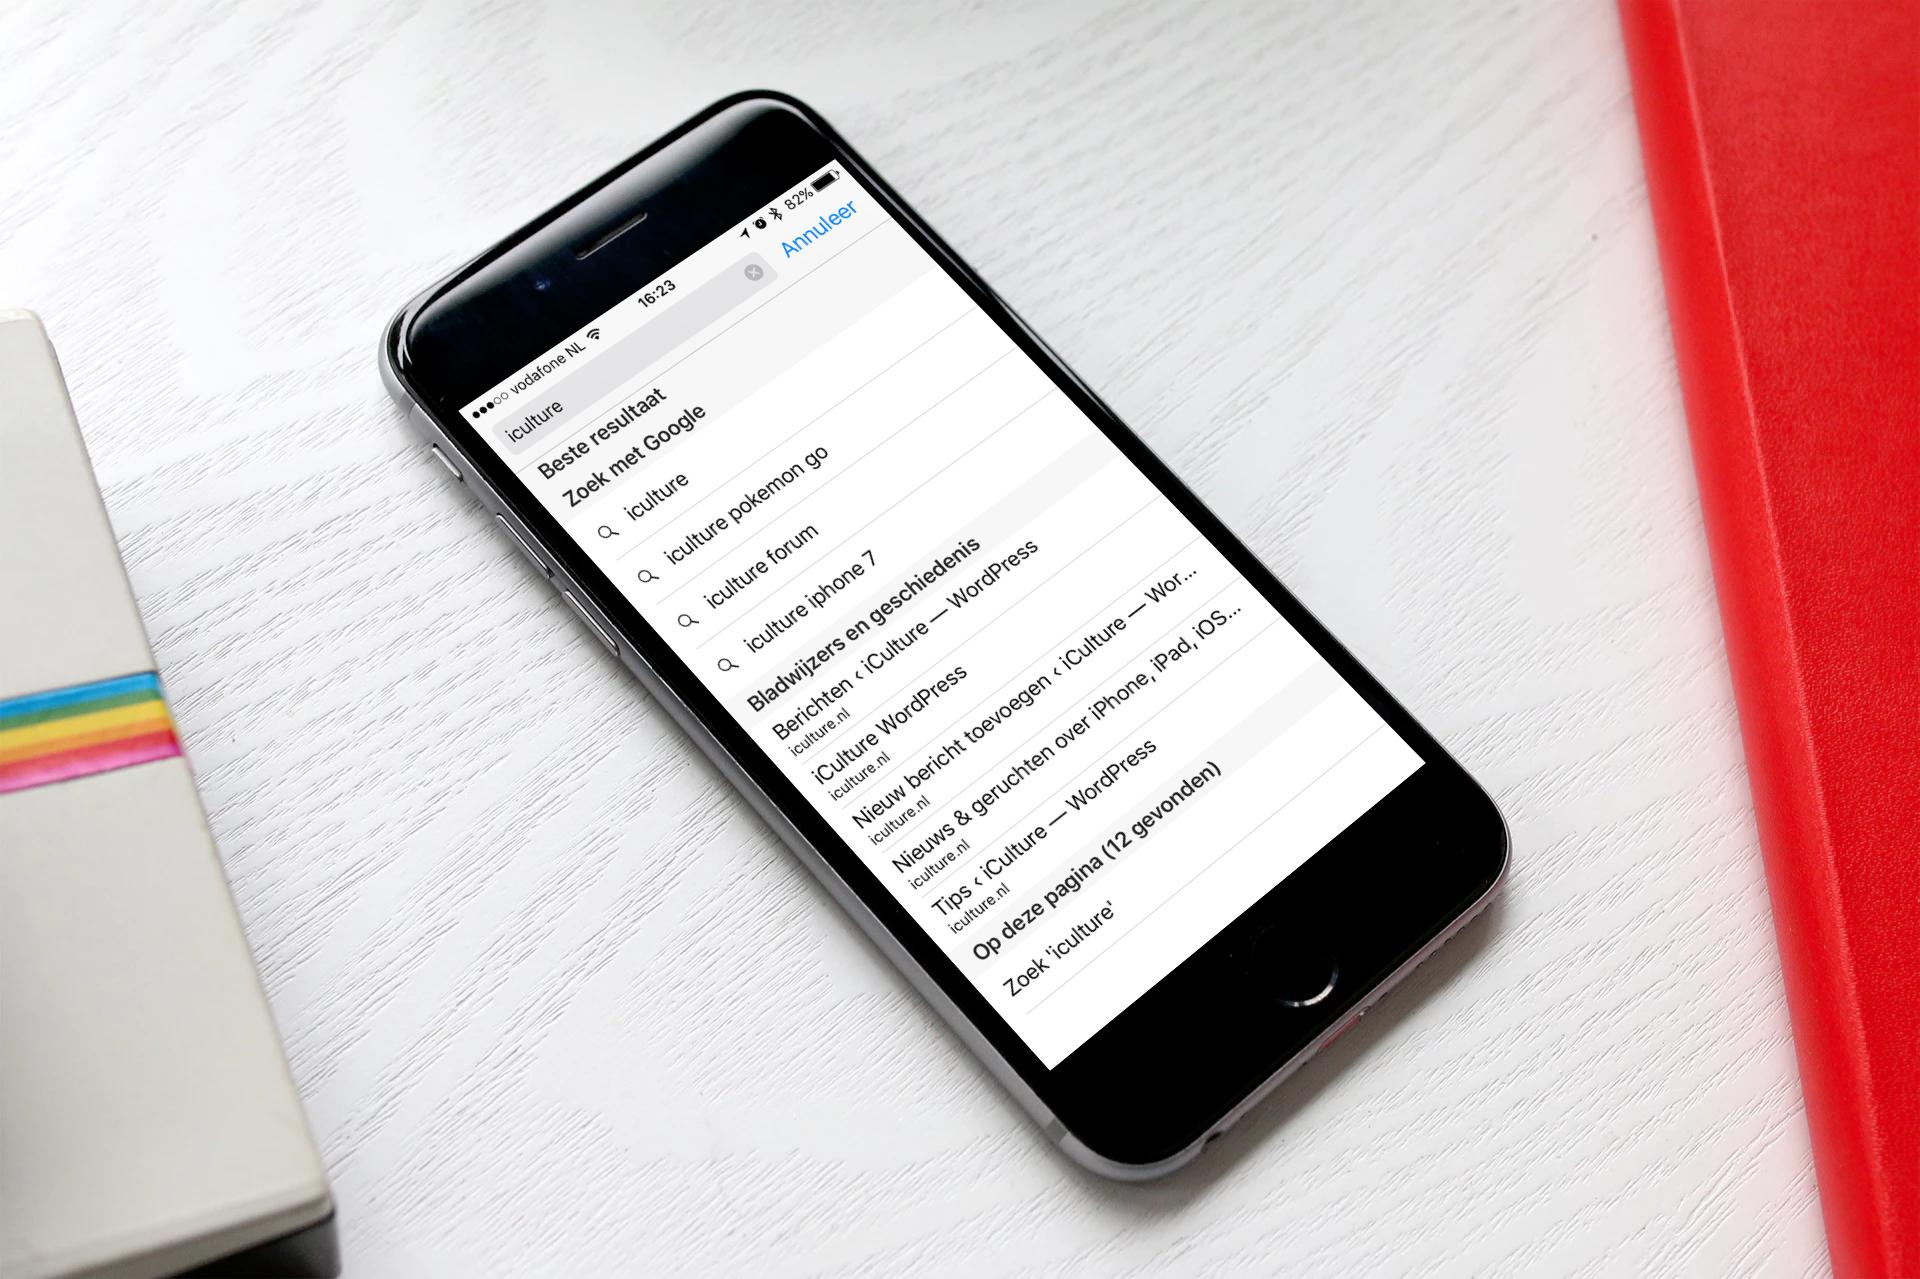 Safari doorzoeken op een iPhone.